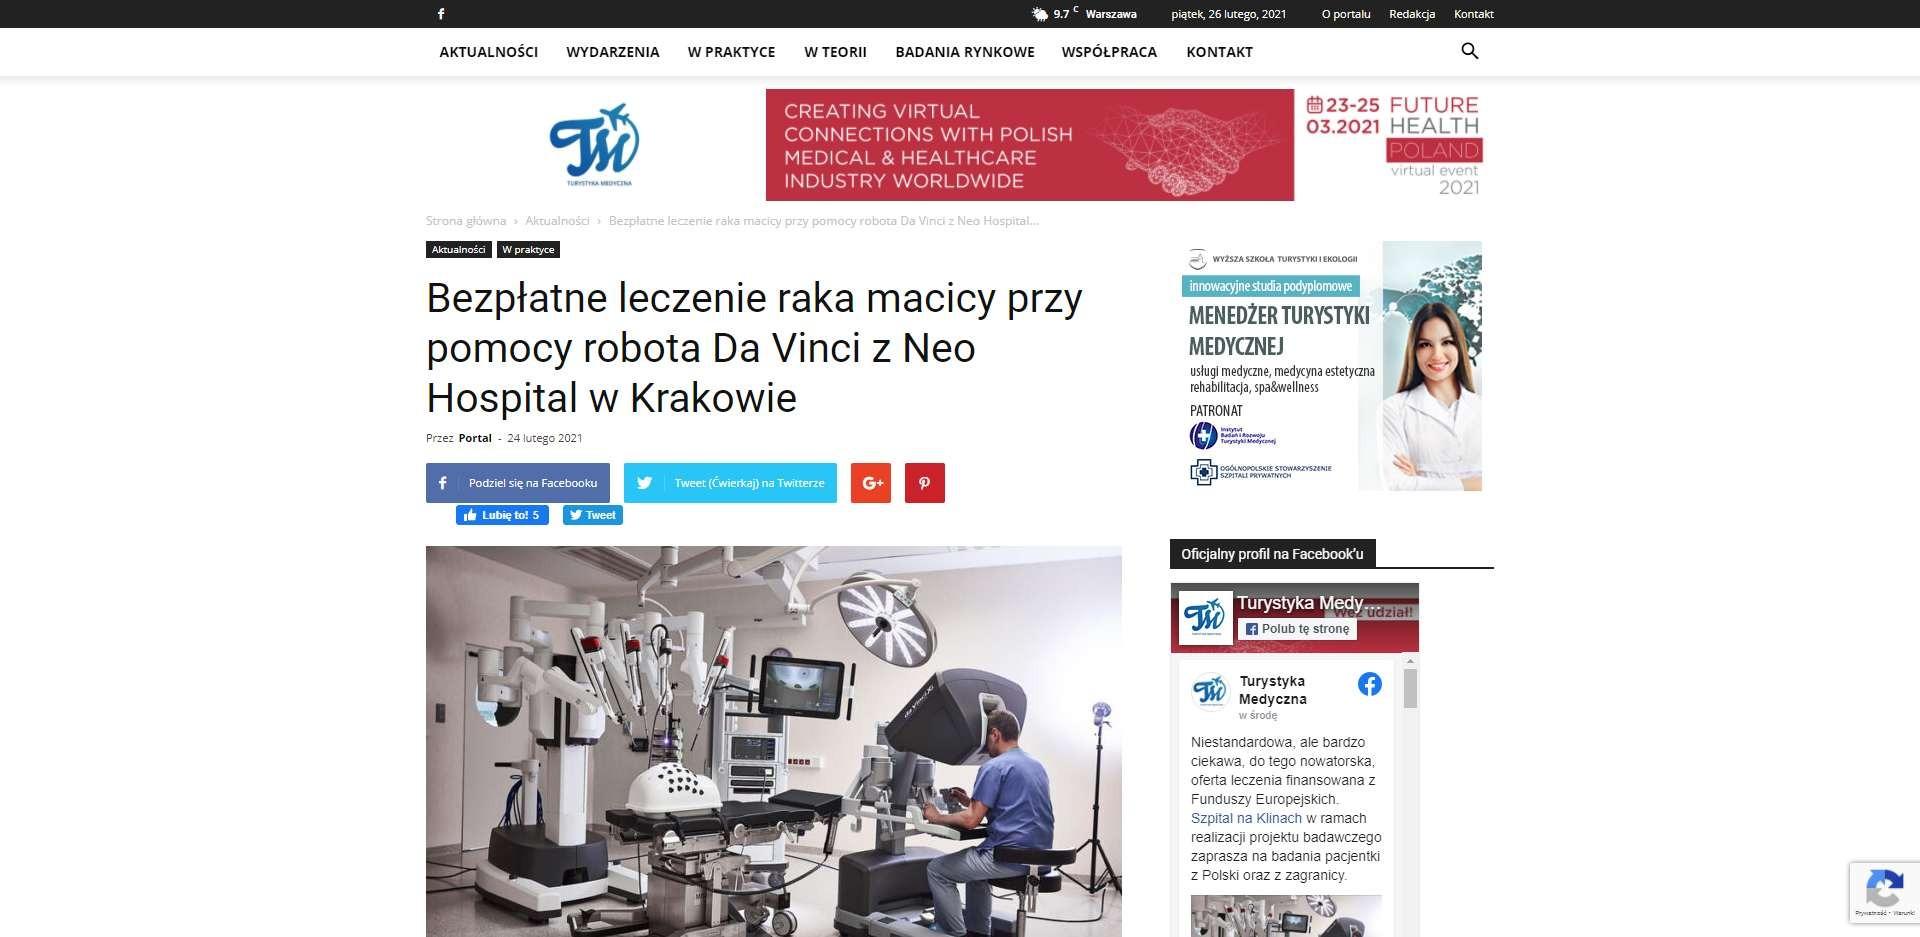 bezplatne leczenie raka macicy przy pomocy robota da vinci z neo hospital w krakowie